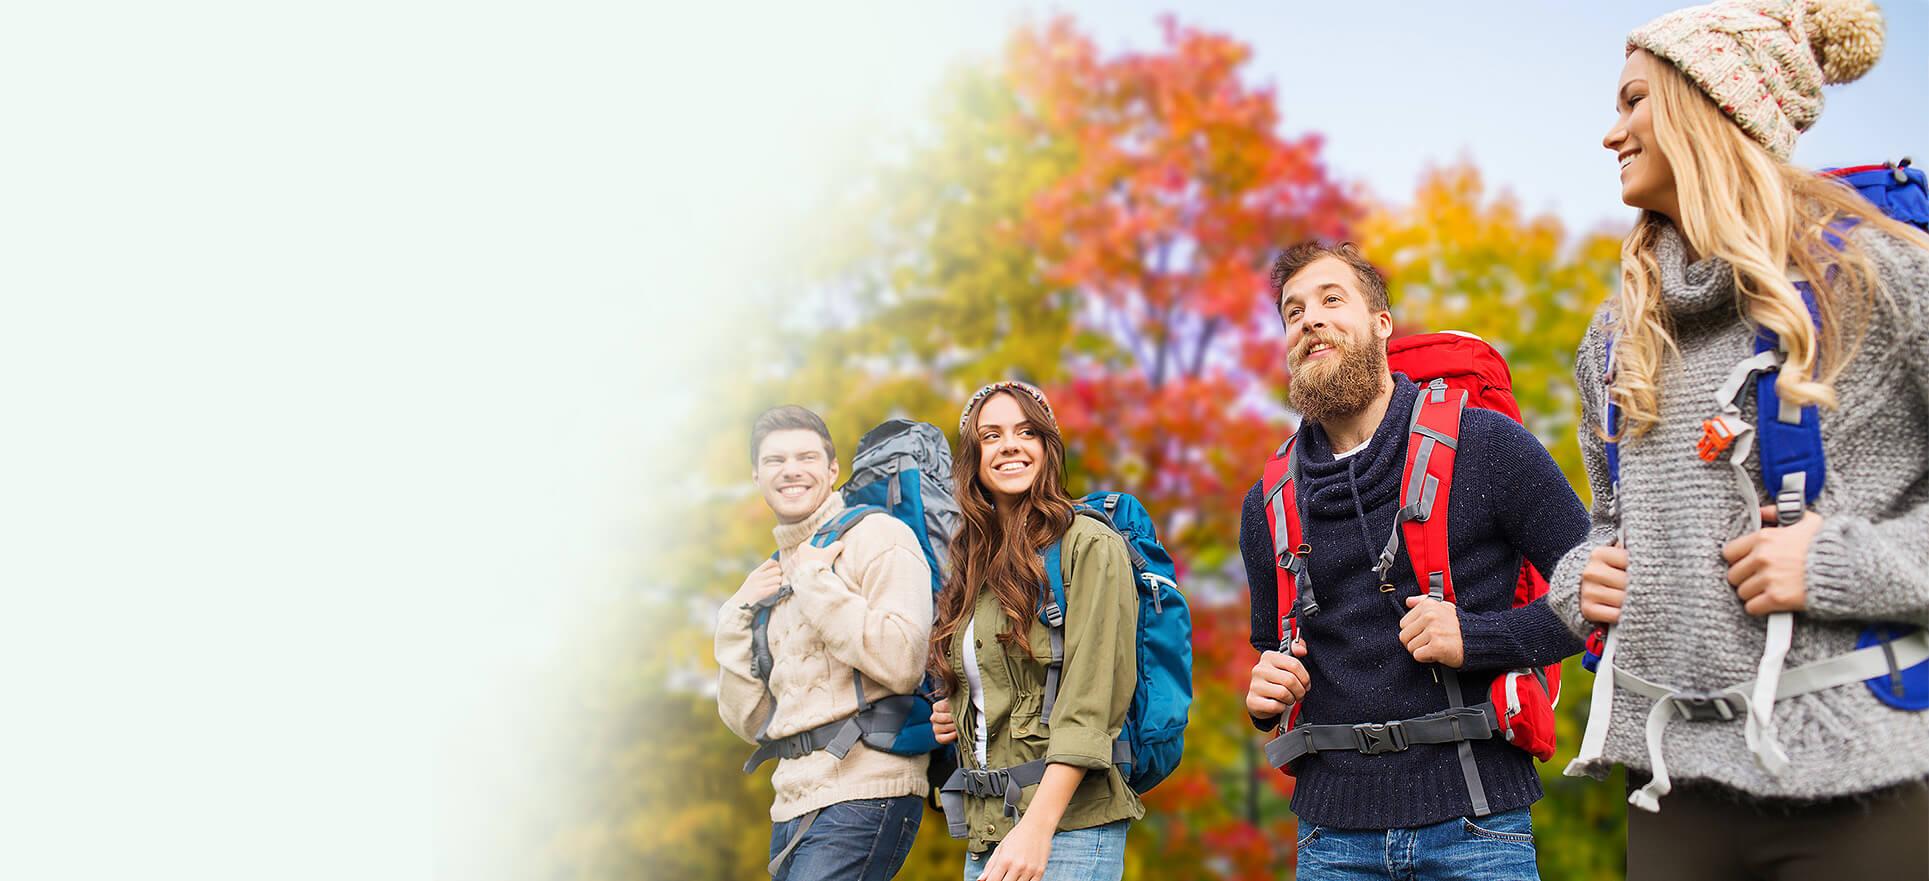 przyjaciele jesienią w parku